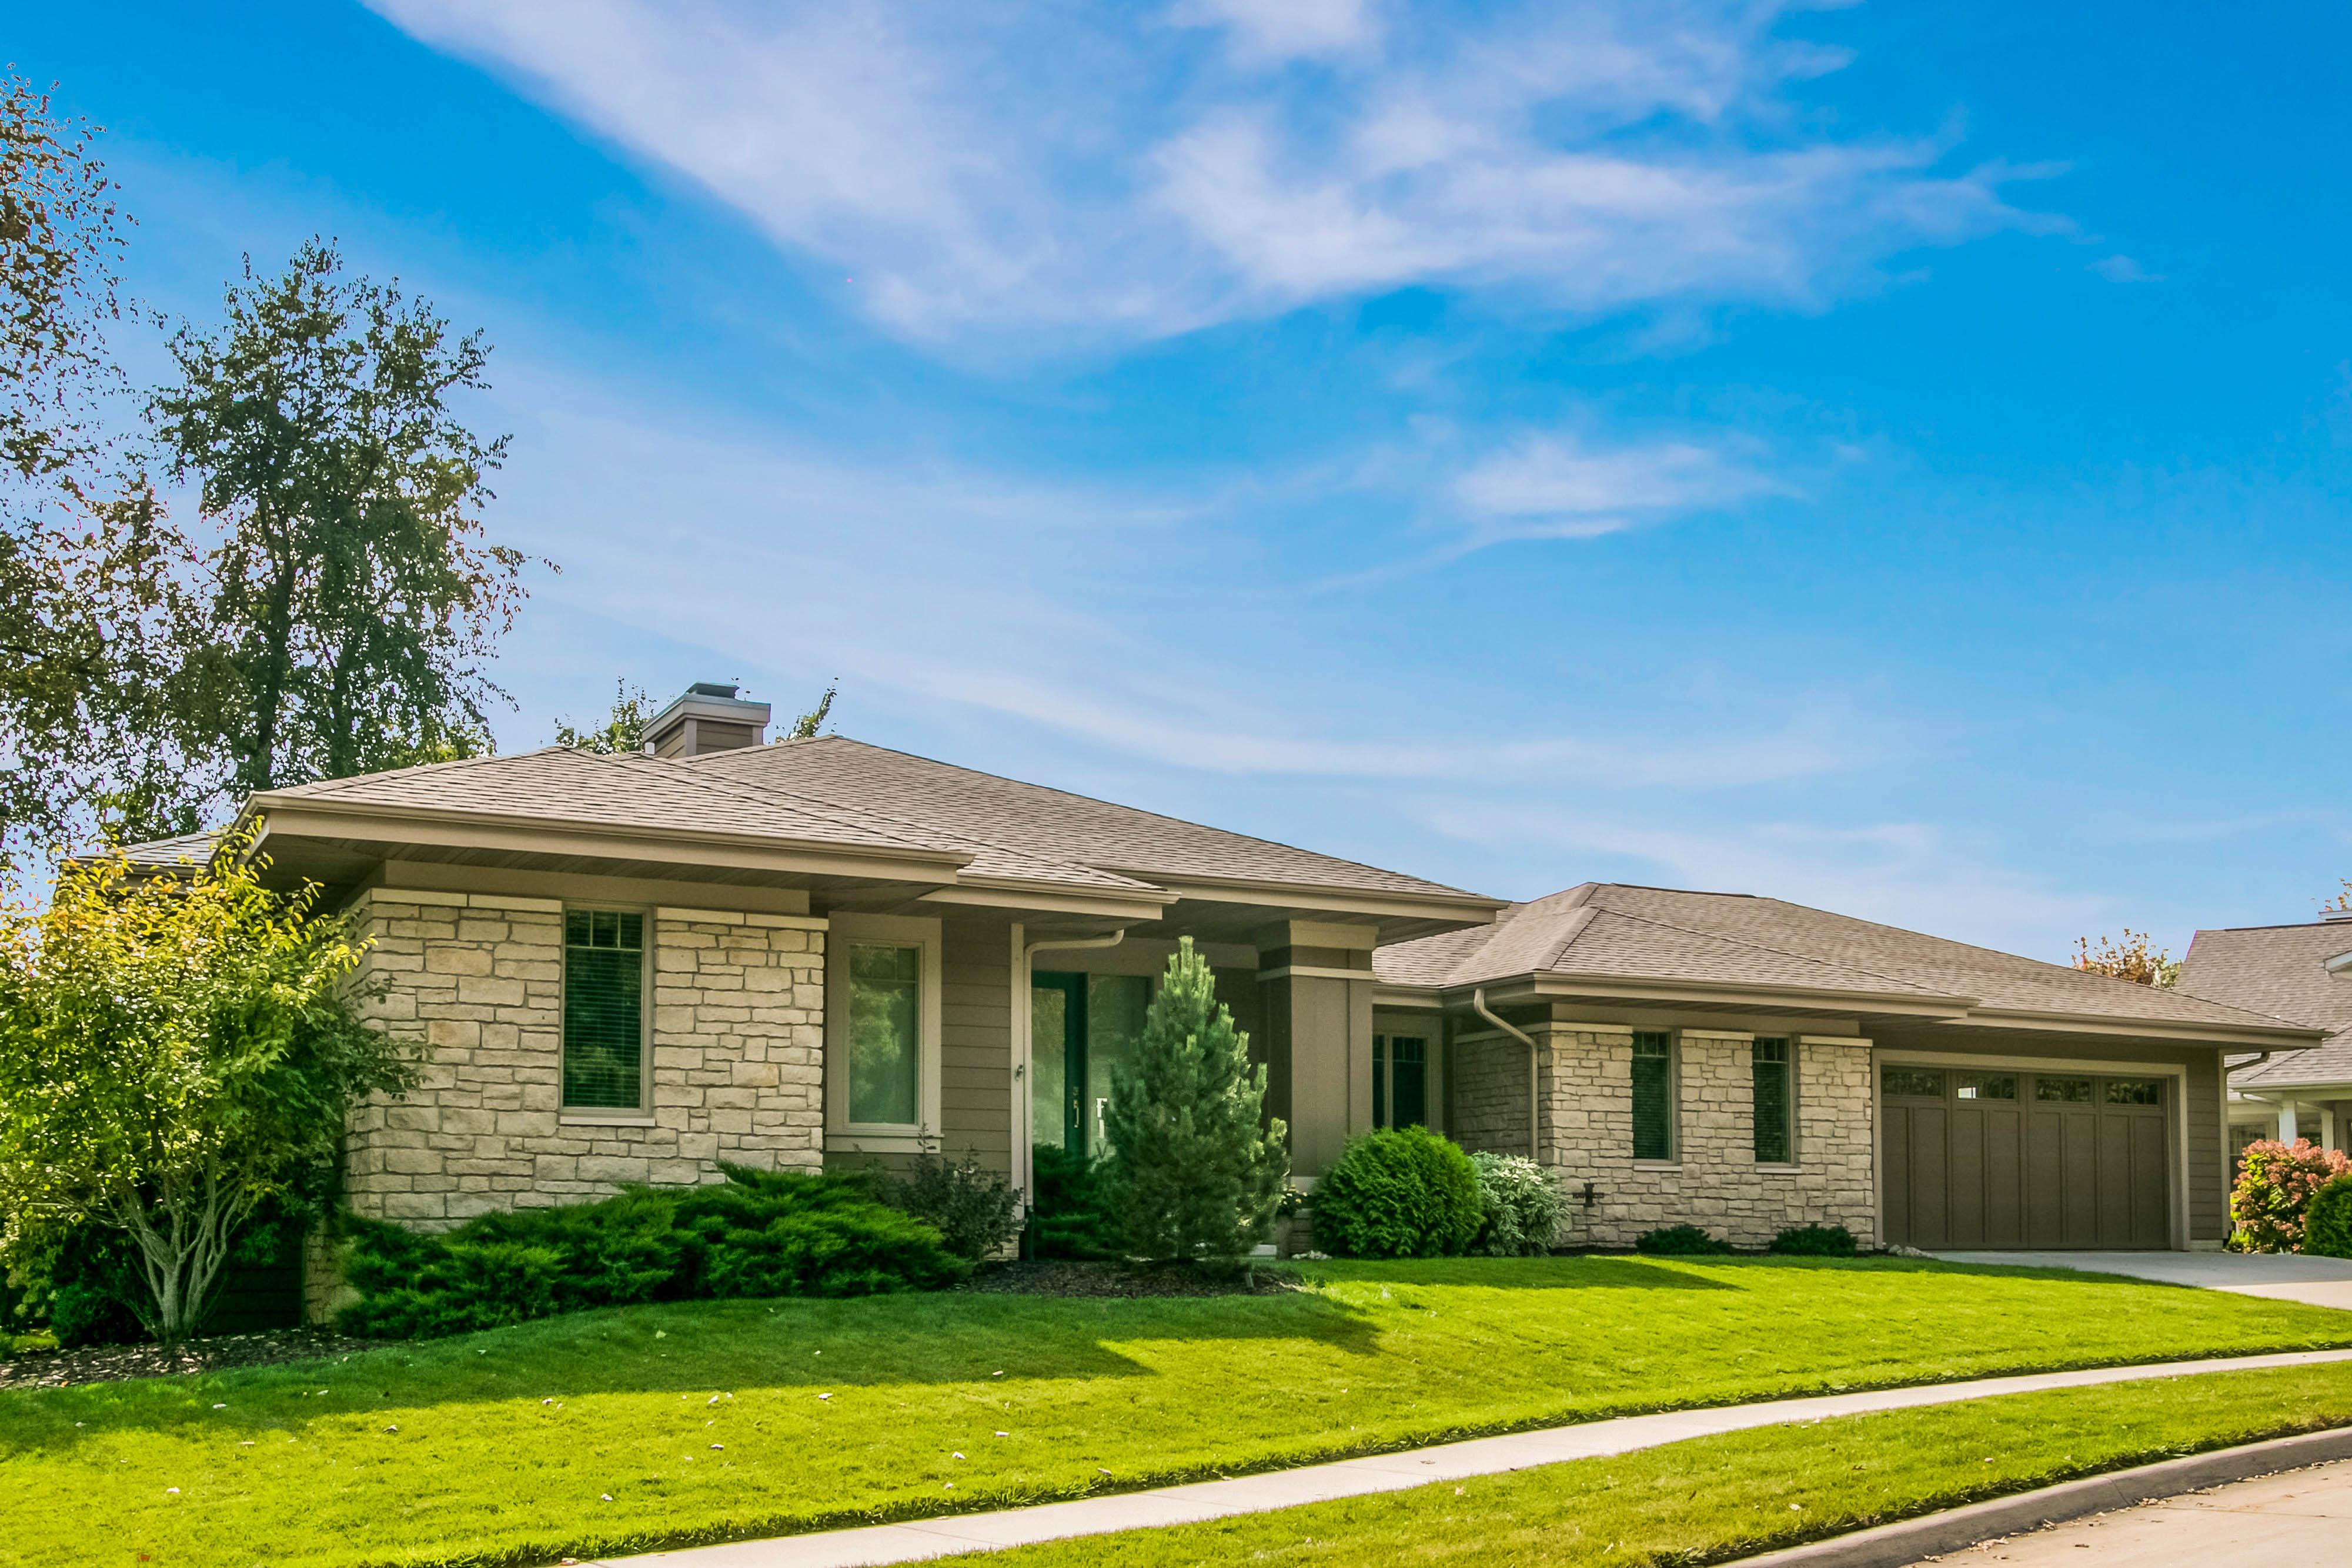 5 White Oak exterior photo